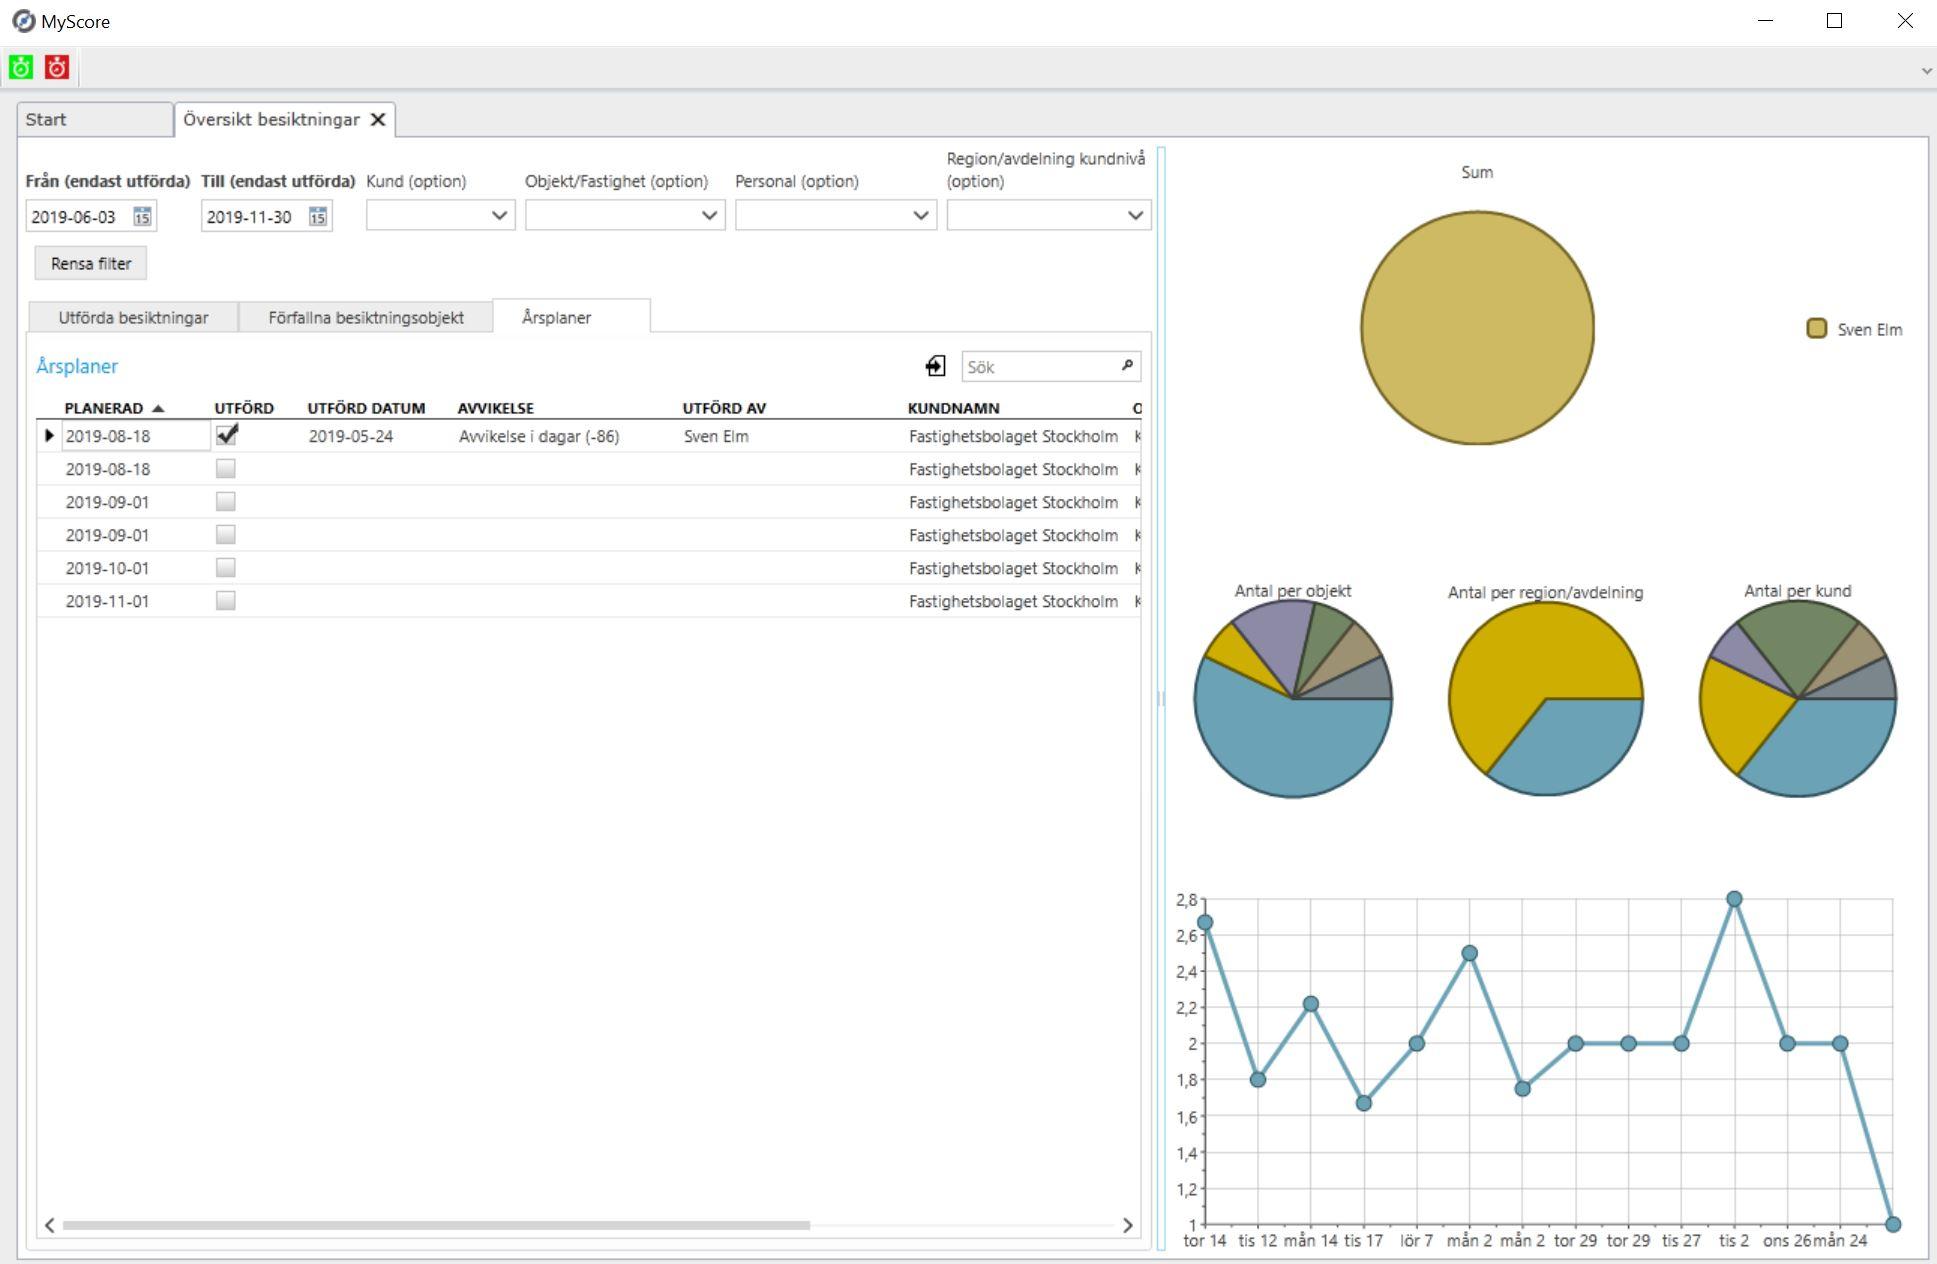 MyScore Statistik & Rapporter - Allt som händer i MyScore Cloud följs upp här!